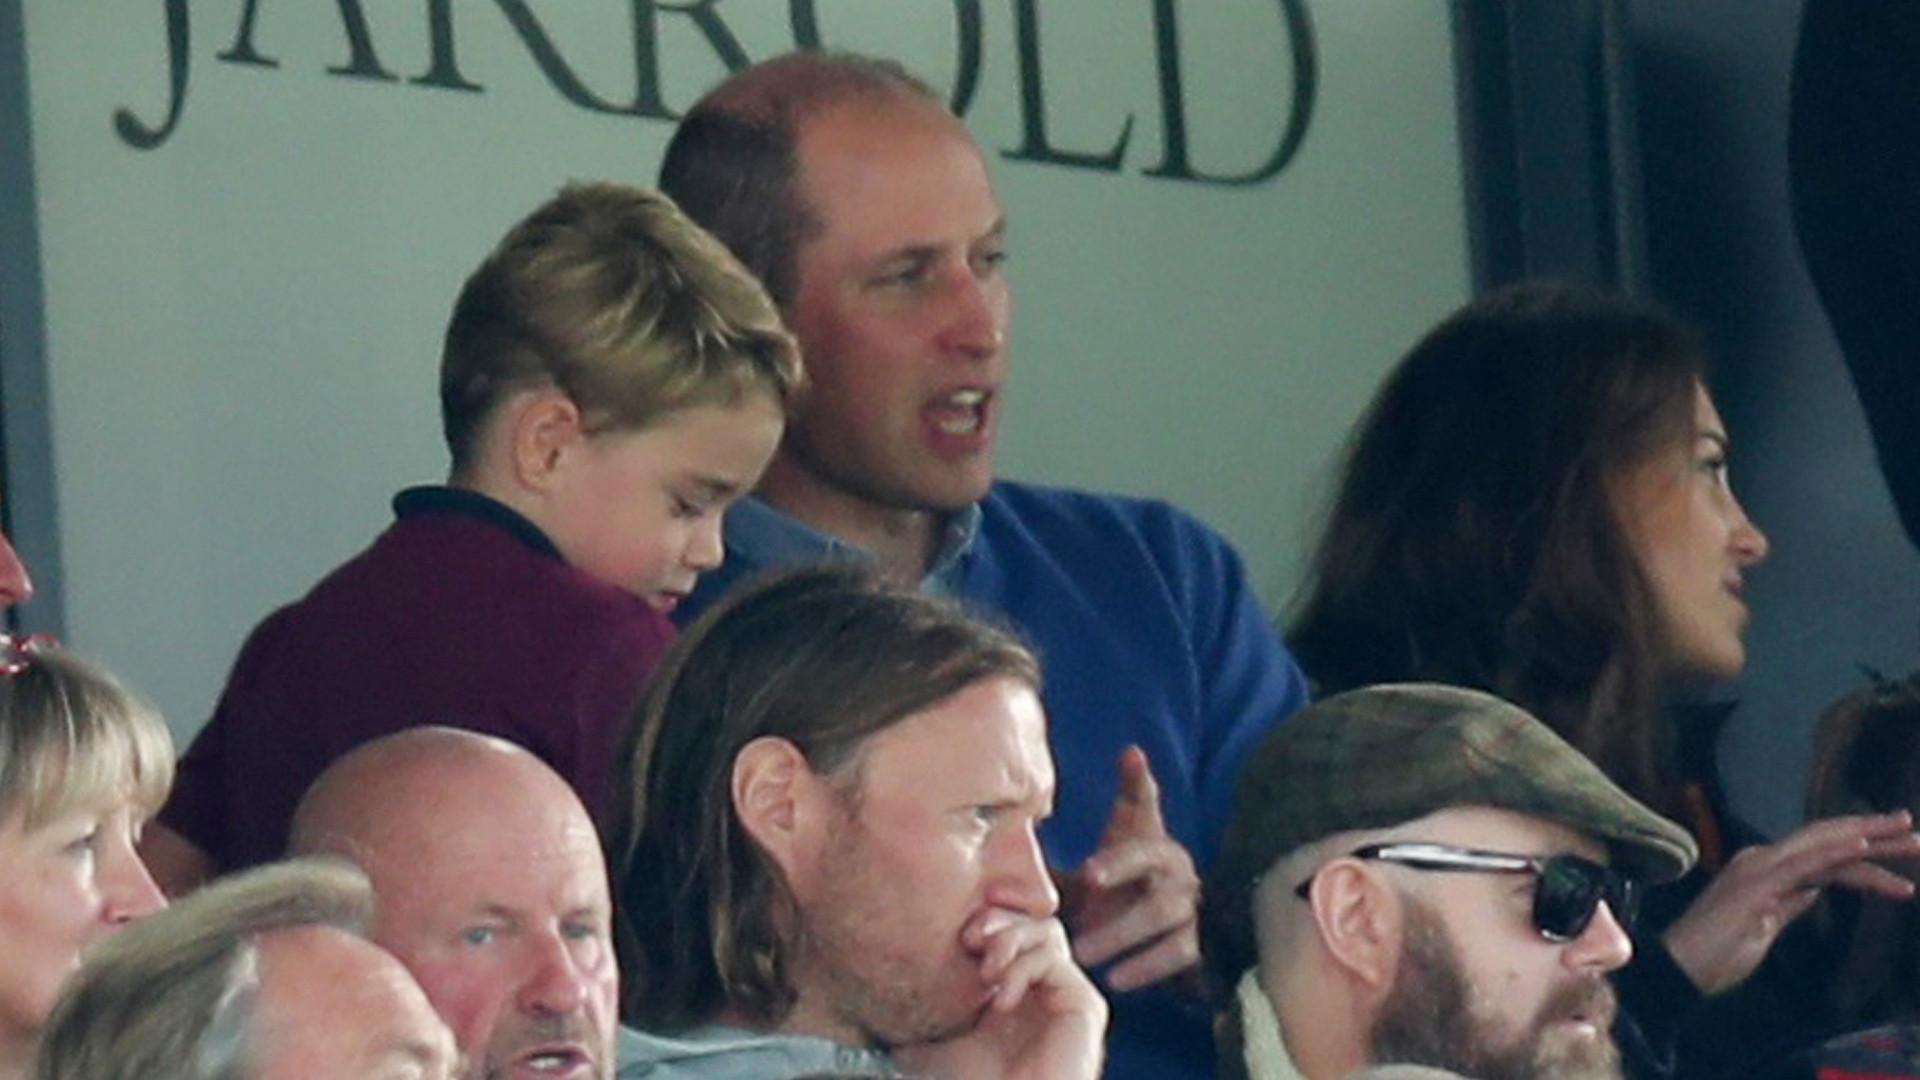 Księżna Kate i książę William z dziećmi na MECZU. Zobaczcie reakcje księcia George'a!